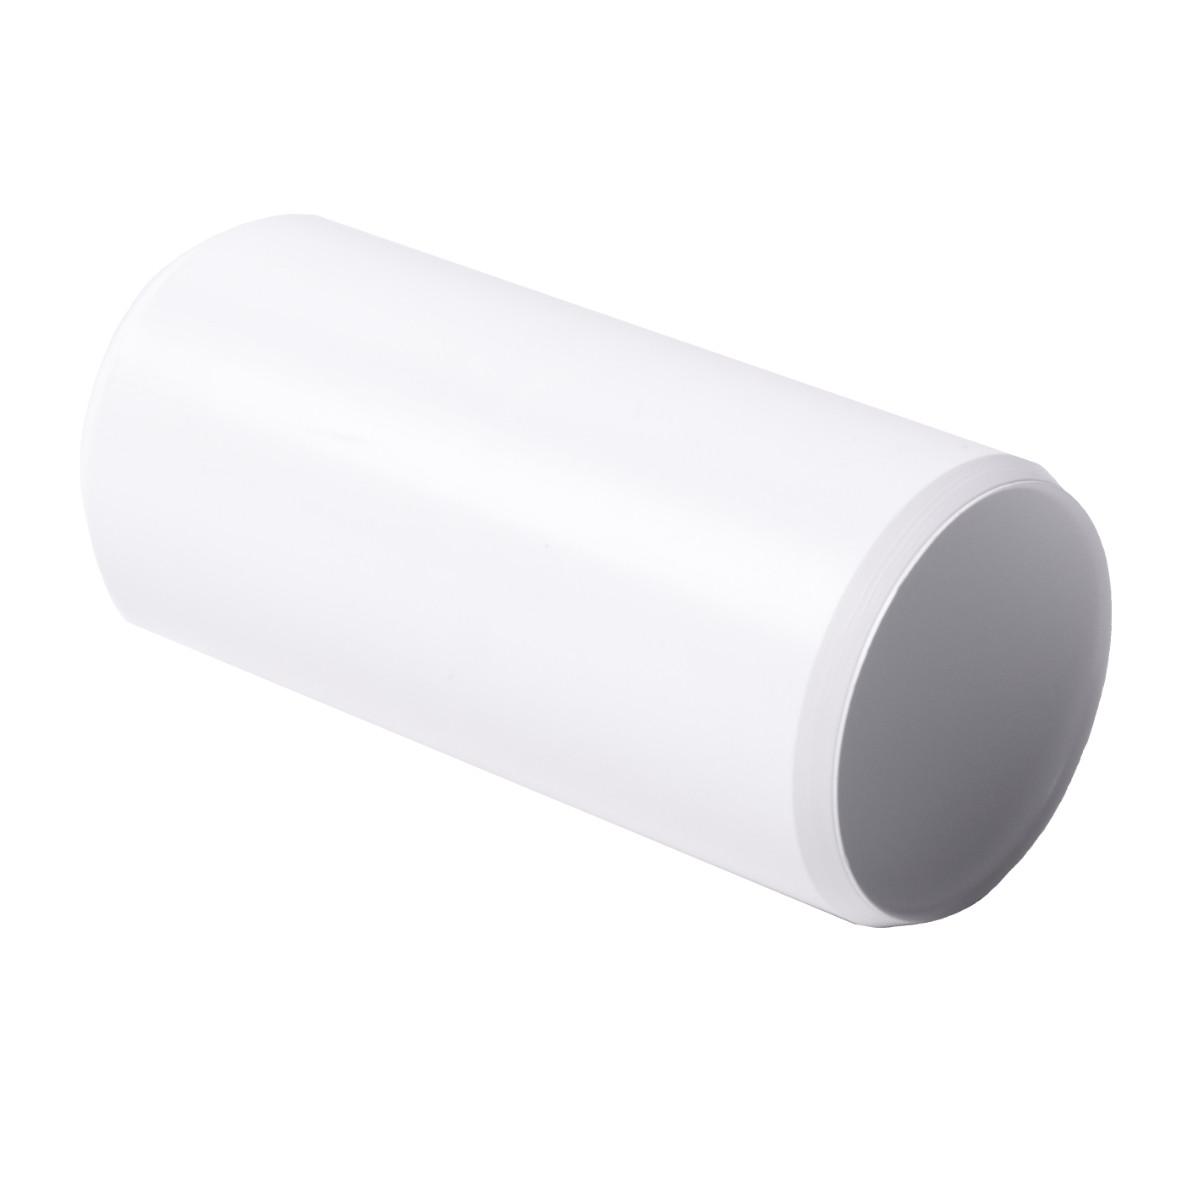 Муфта з'єднувальна для труби 40 мм ; Ø40мм; ПВХ;; t застосування -25+60 °с; біла; Упаковка 10 шт